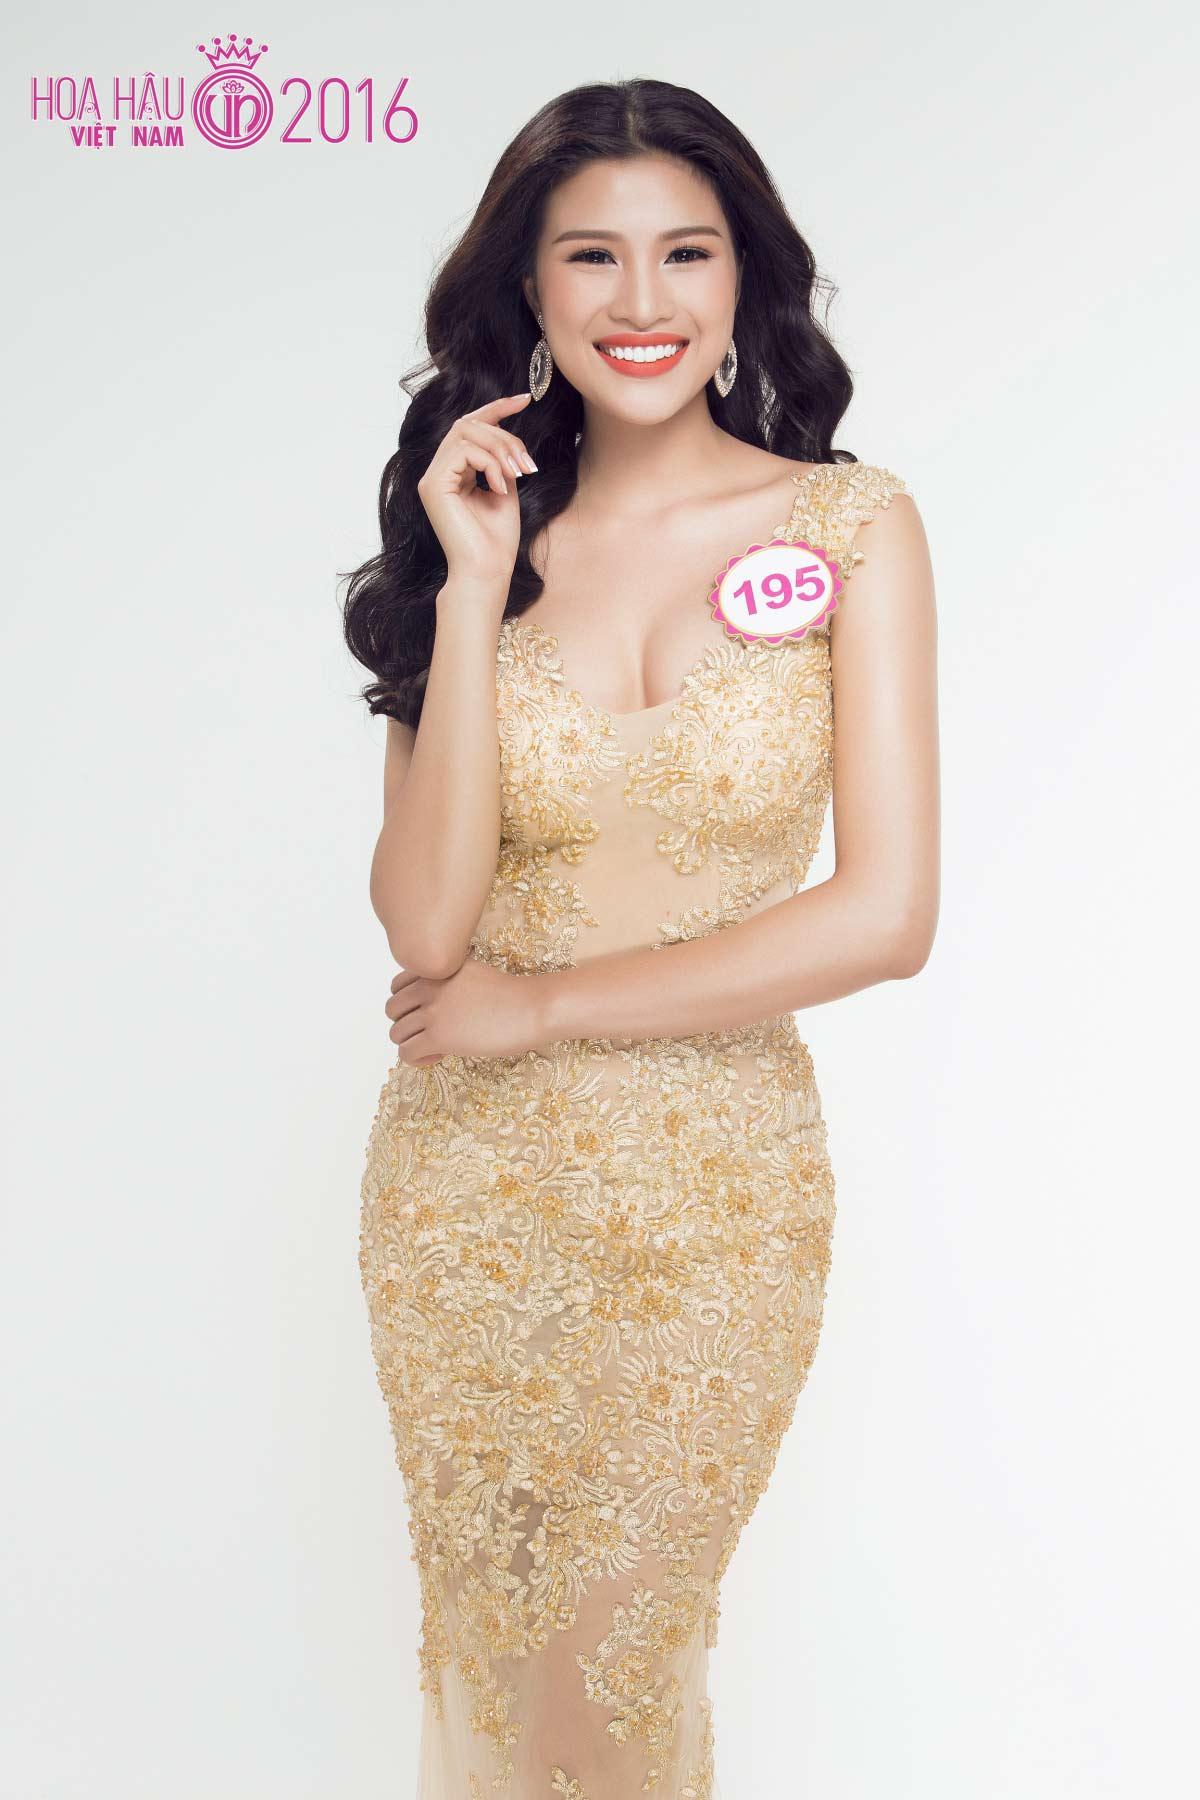 """Hoa hậu Việt Nam: """"Bản sao Phạm Hương"""" bất ngờ bỏ thi - 2"""